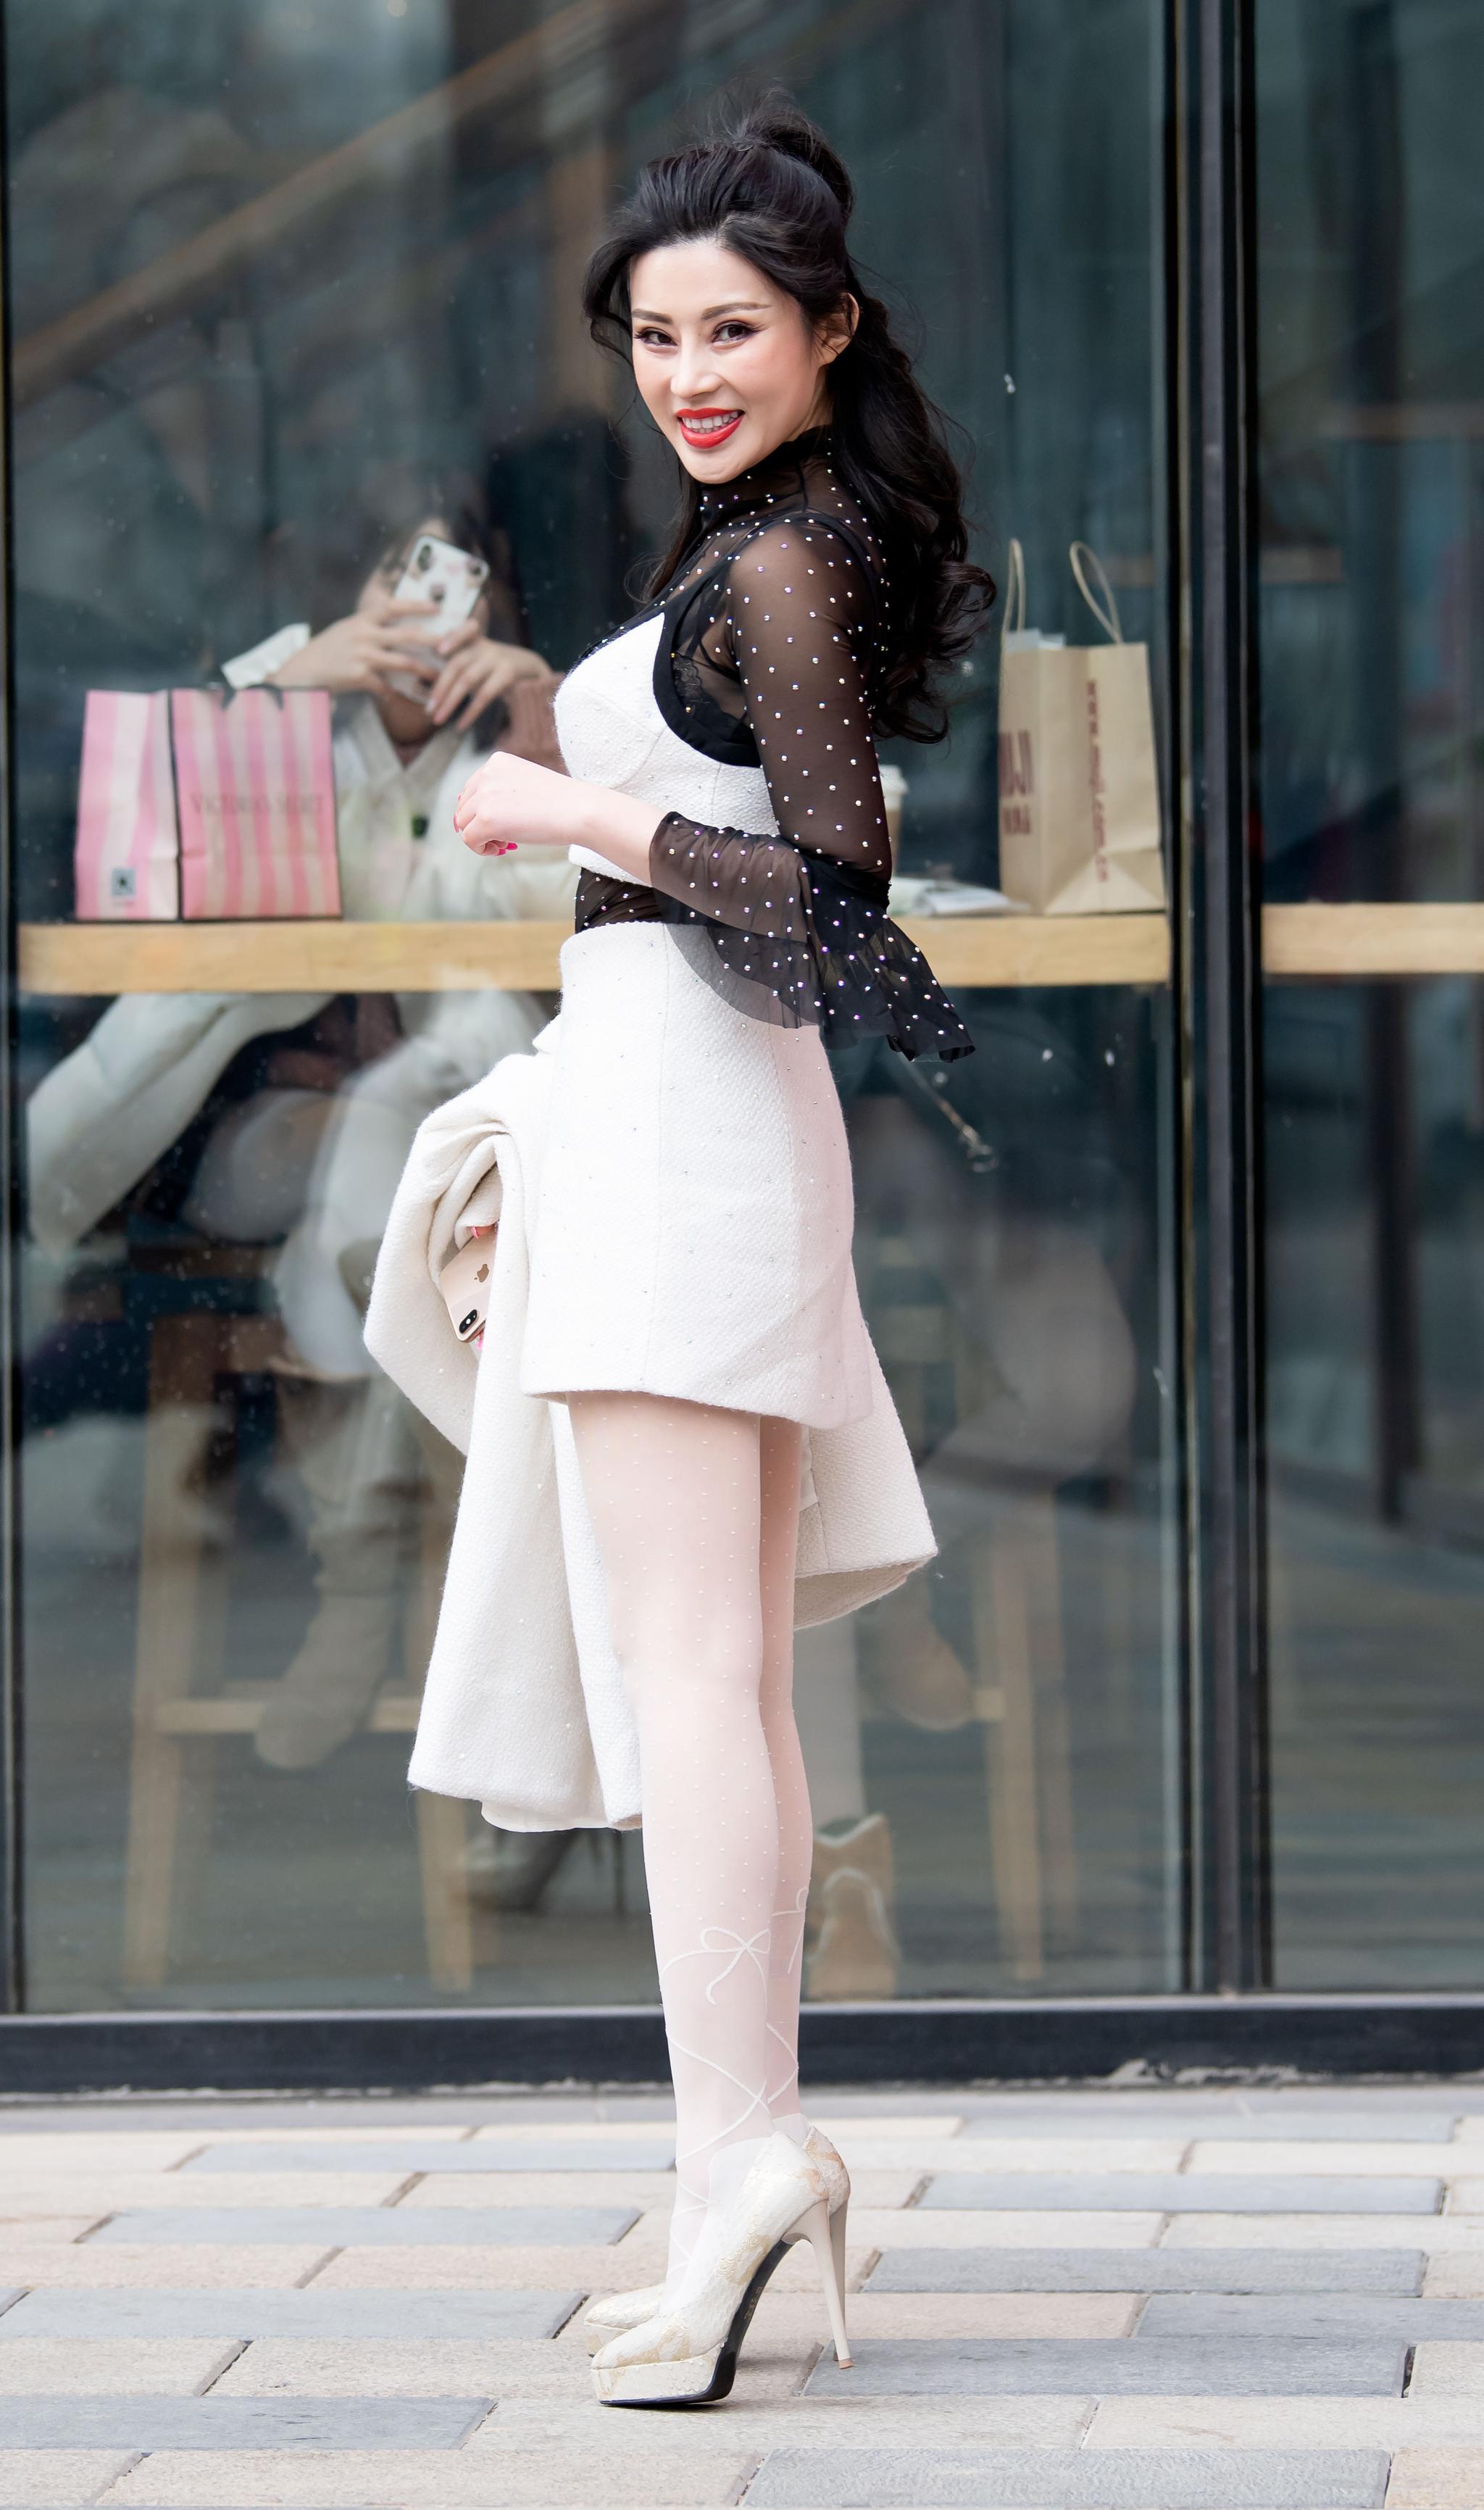 街拍第一站:时尚高跟鞋,造型优美,气质优雅